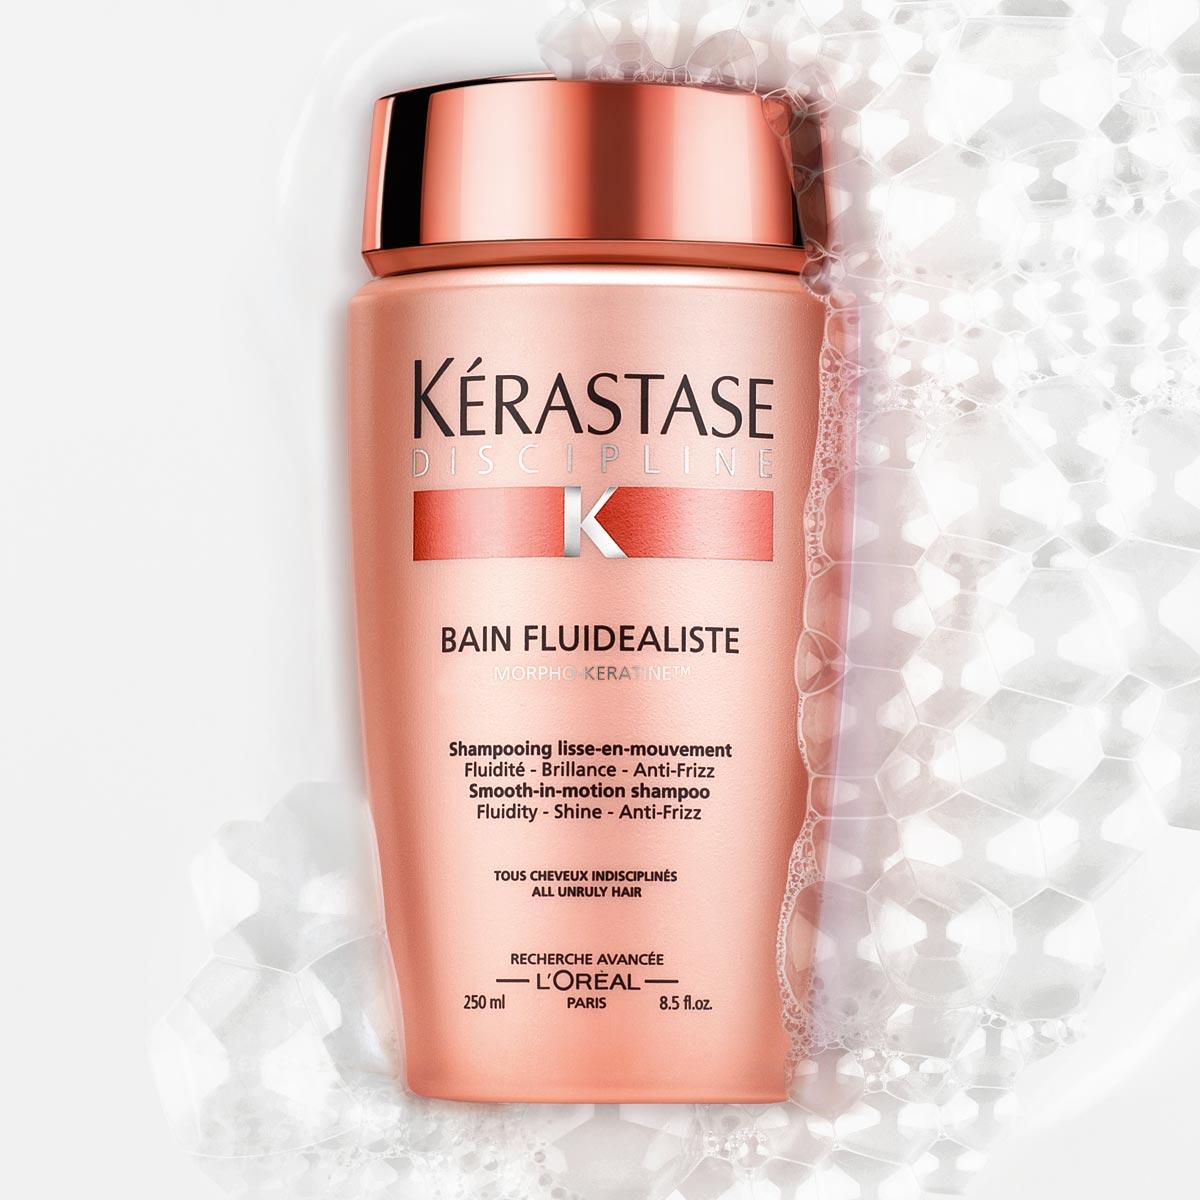 Bain fluidealiste z řady Discipline od Kérastase je uhlazující šamponová lázeň pro všechny vlasy náročné na úpravu, která zanechává vlasy v pohybu.